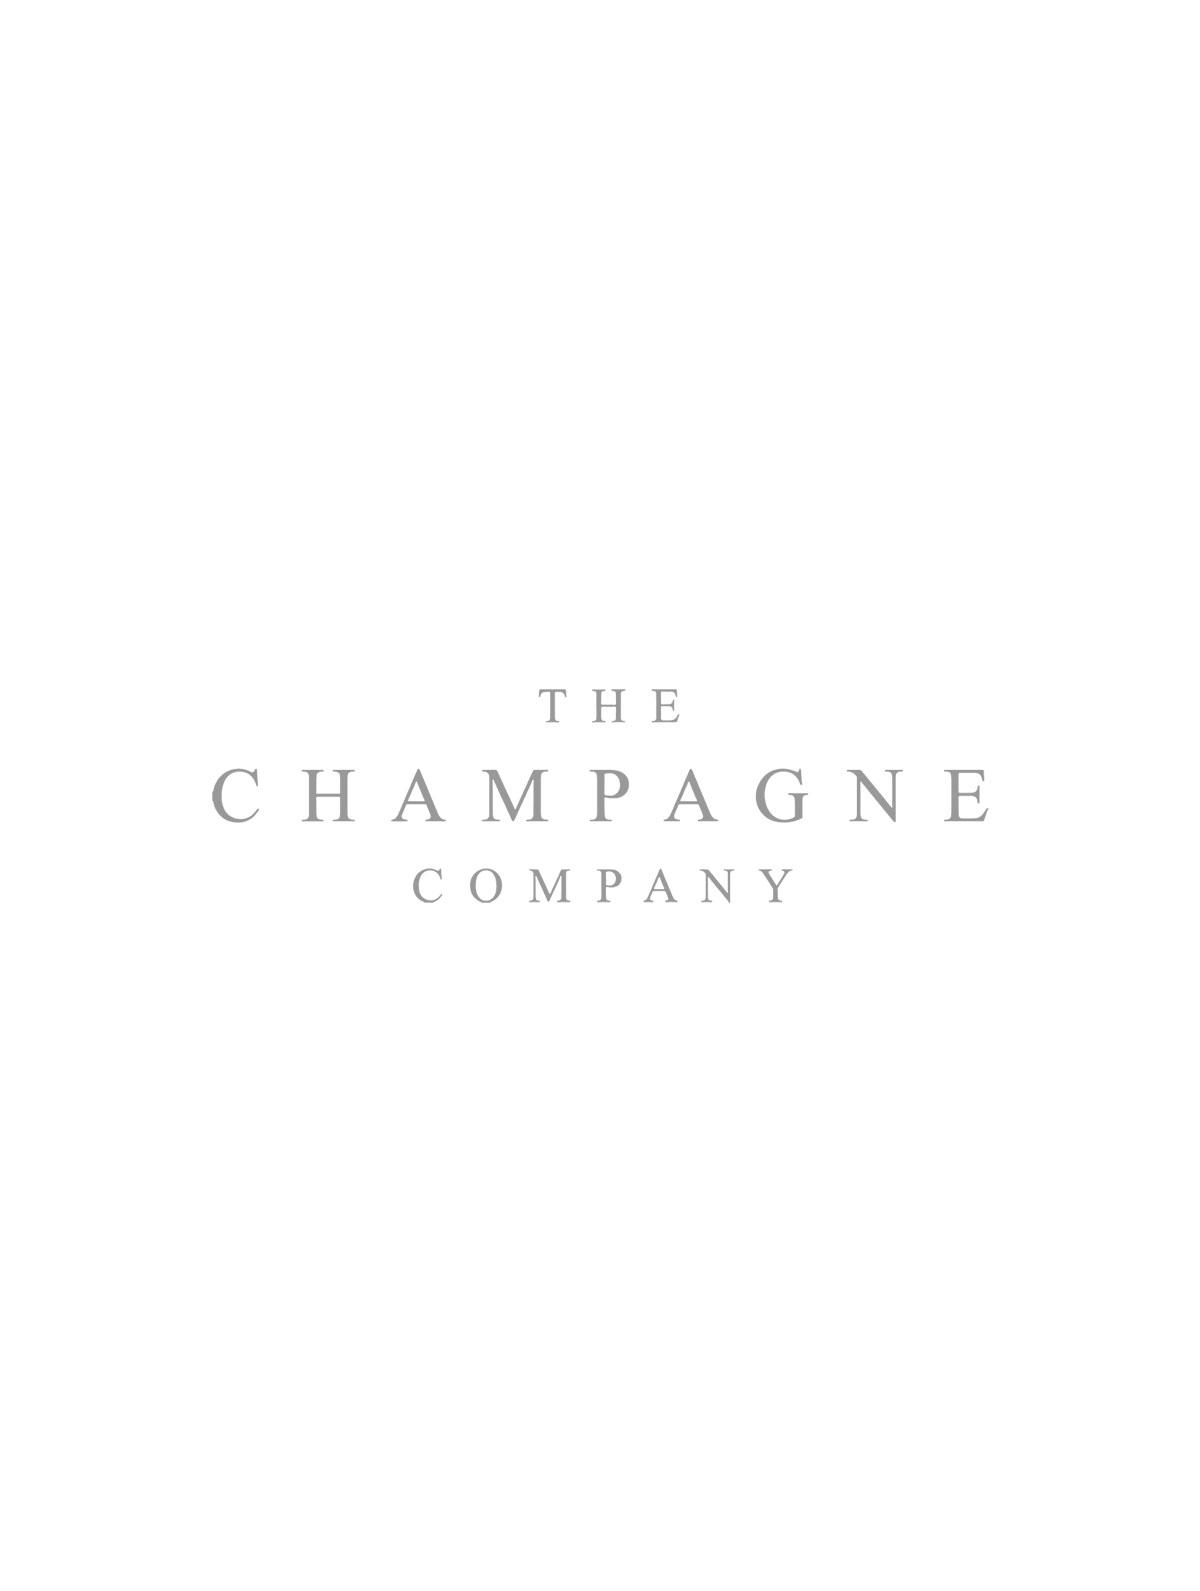 Louis Roederer Cristal Champagne Magnum 2007 Vintage 150cl Wood Case